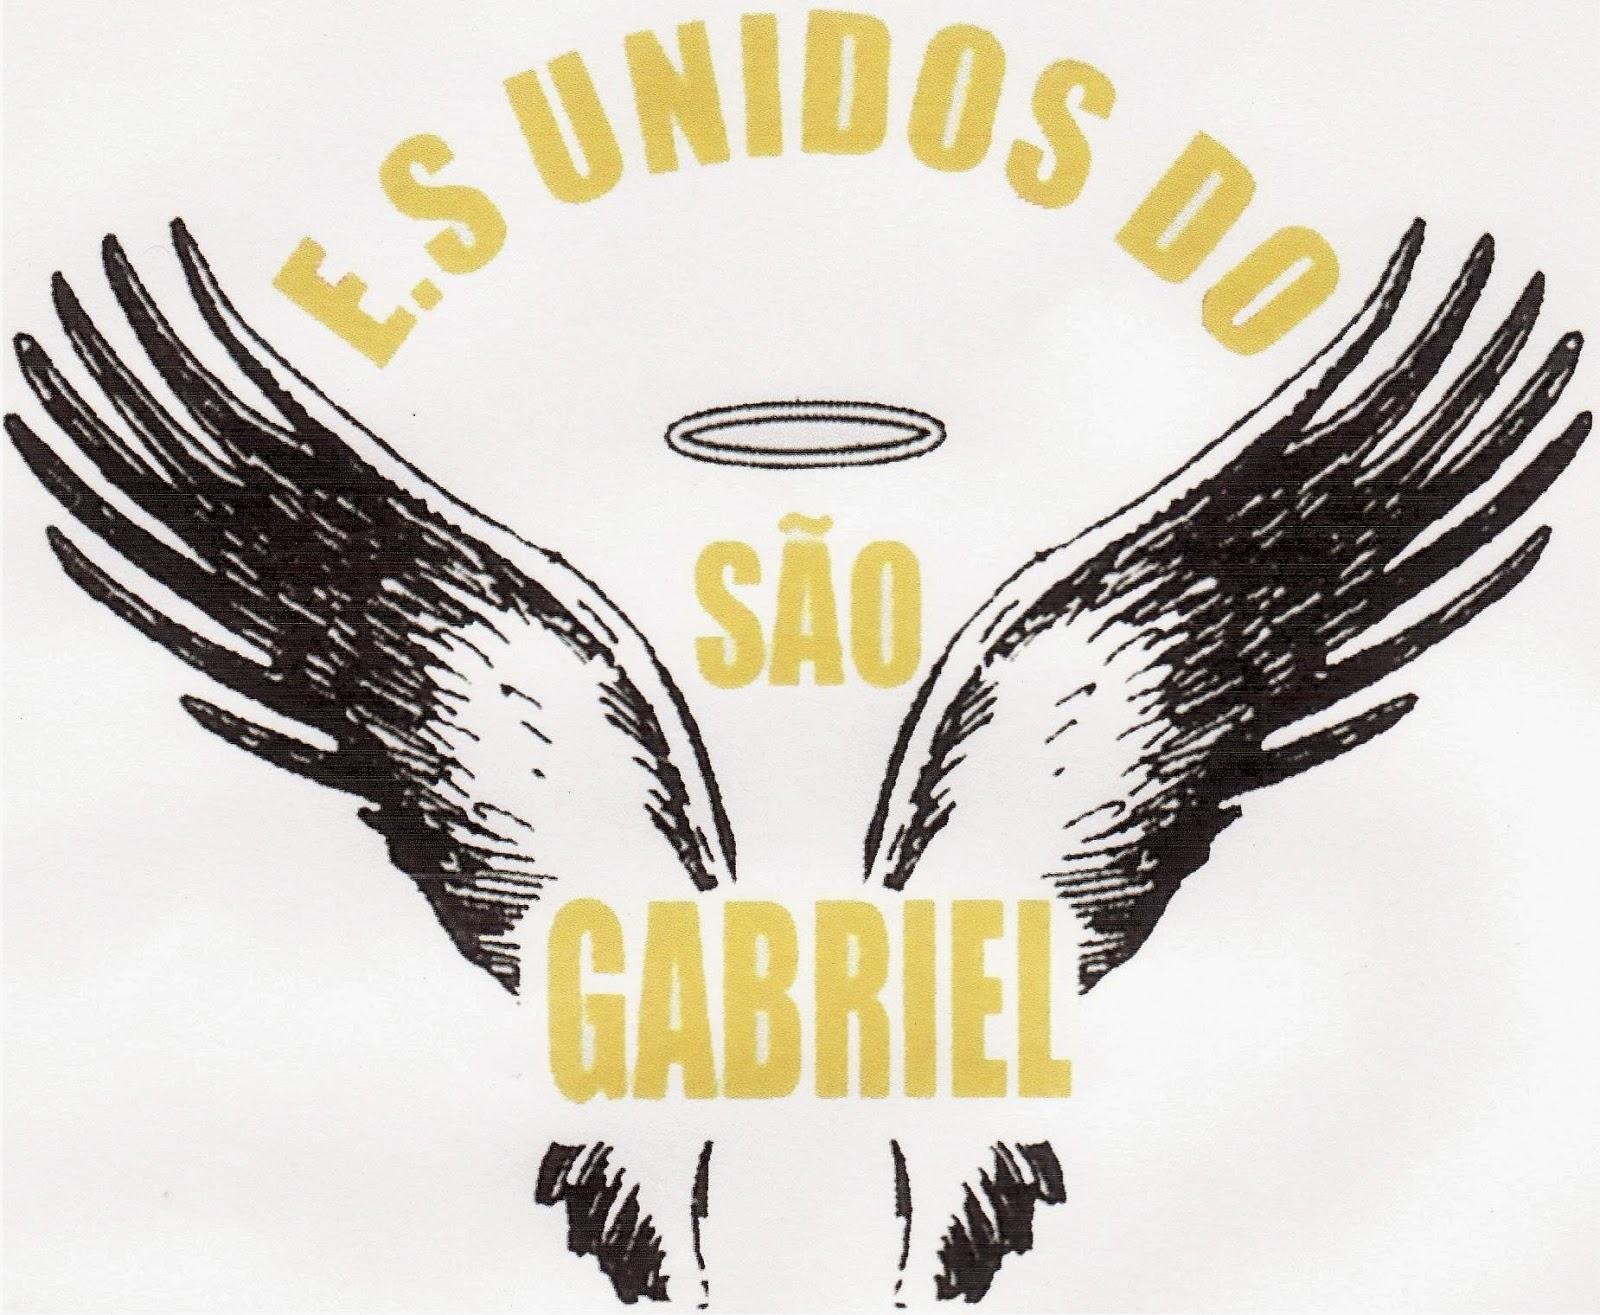 http://3.bp.blogspot.com/-m-mzw8A5w4c/Uzgd34IPMnI/AAAAAAAACQM/0nk2kX87NGs/s1600/ESCOLA+DE+SAMBA+UNIDOS+DA+S%C3%83O+GABRIEL.jpg